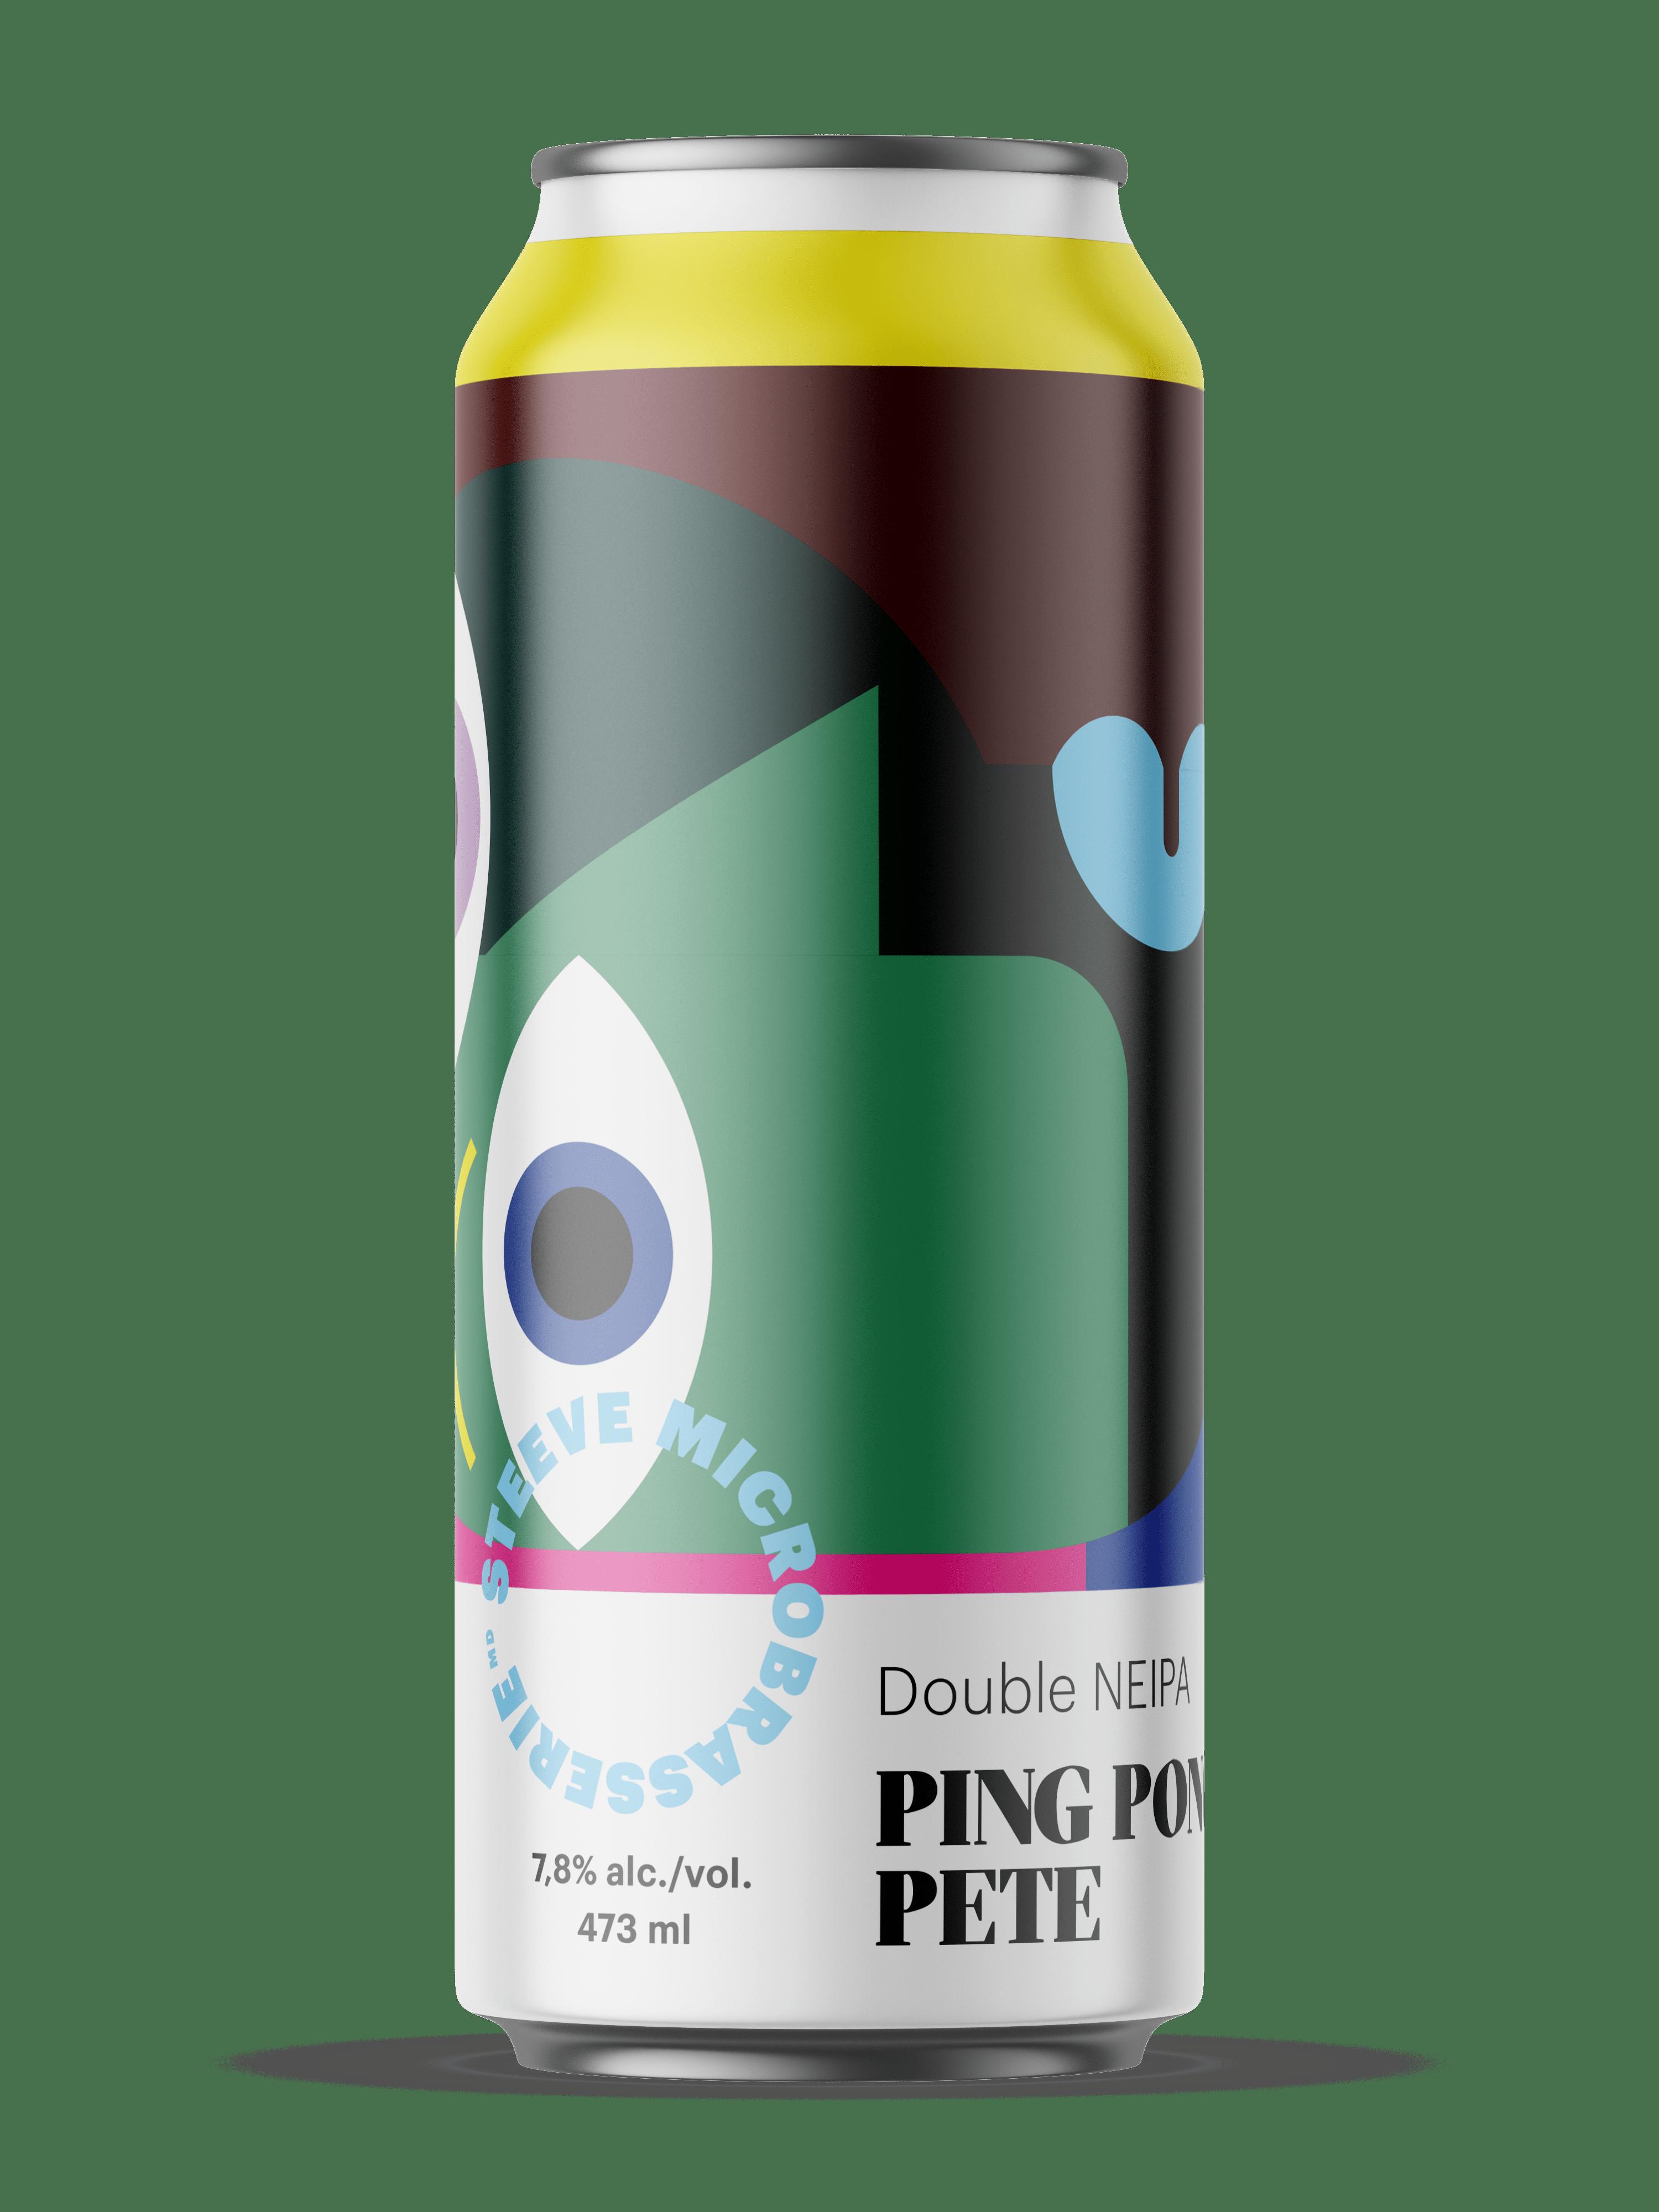 Ping-Pong-Pete